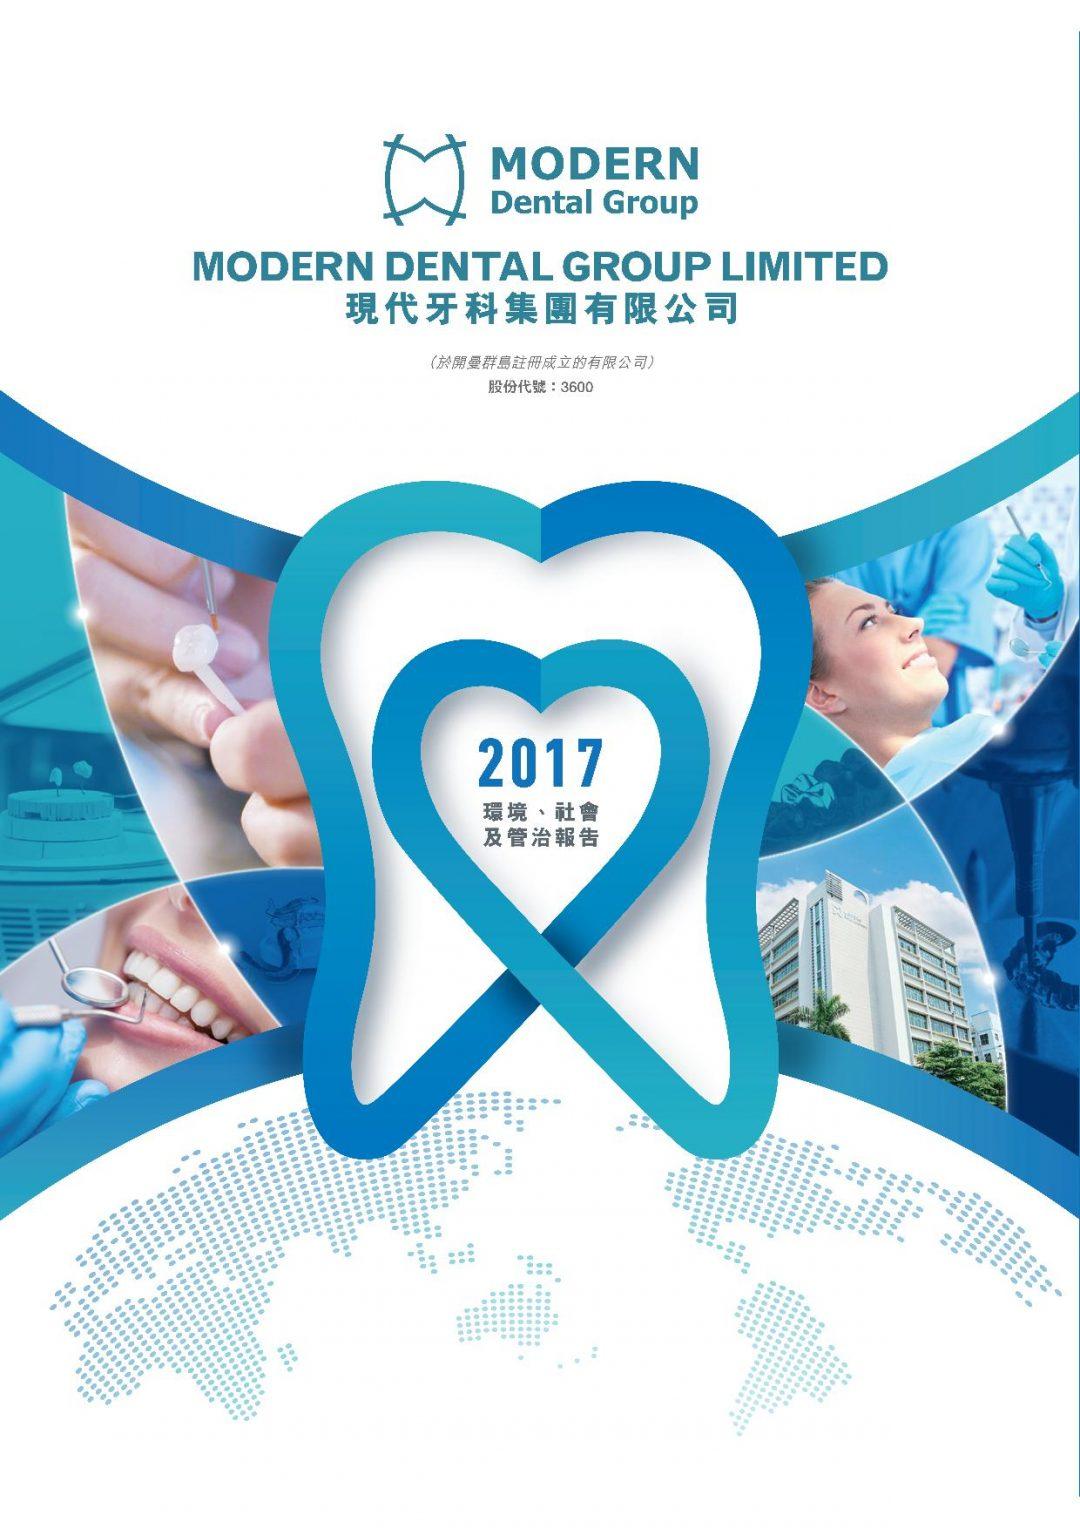 現代牙科集團有限公司